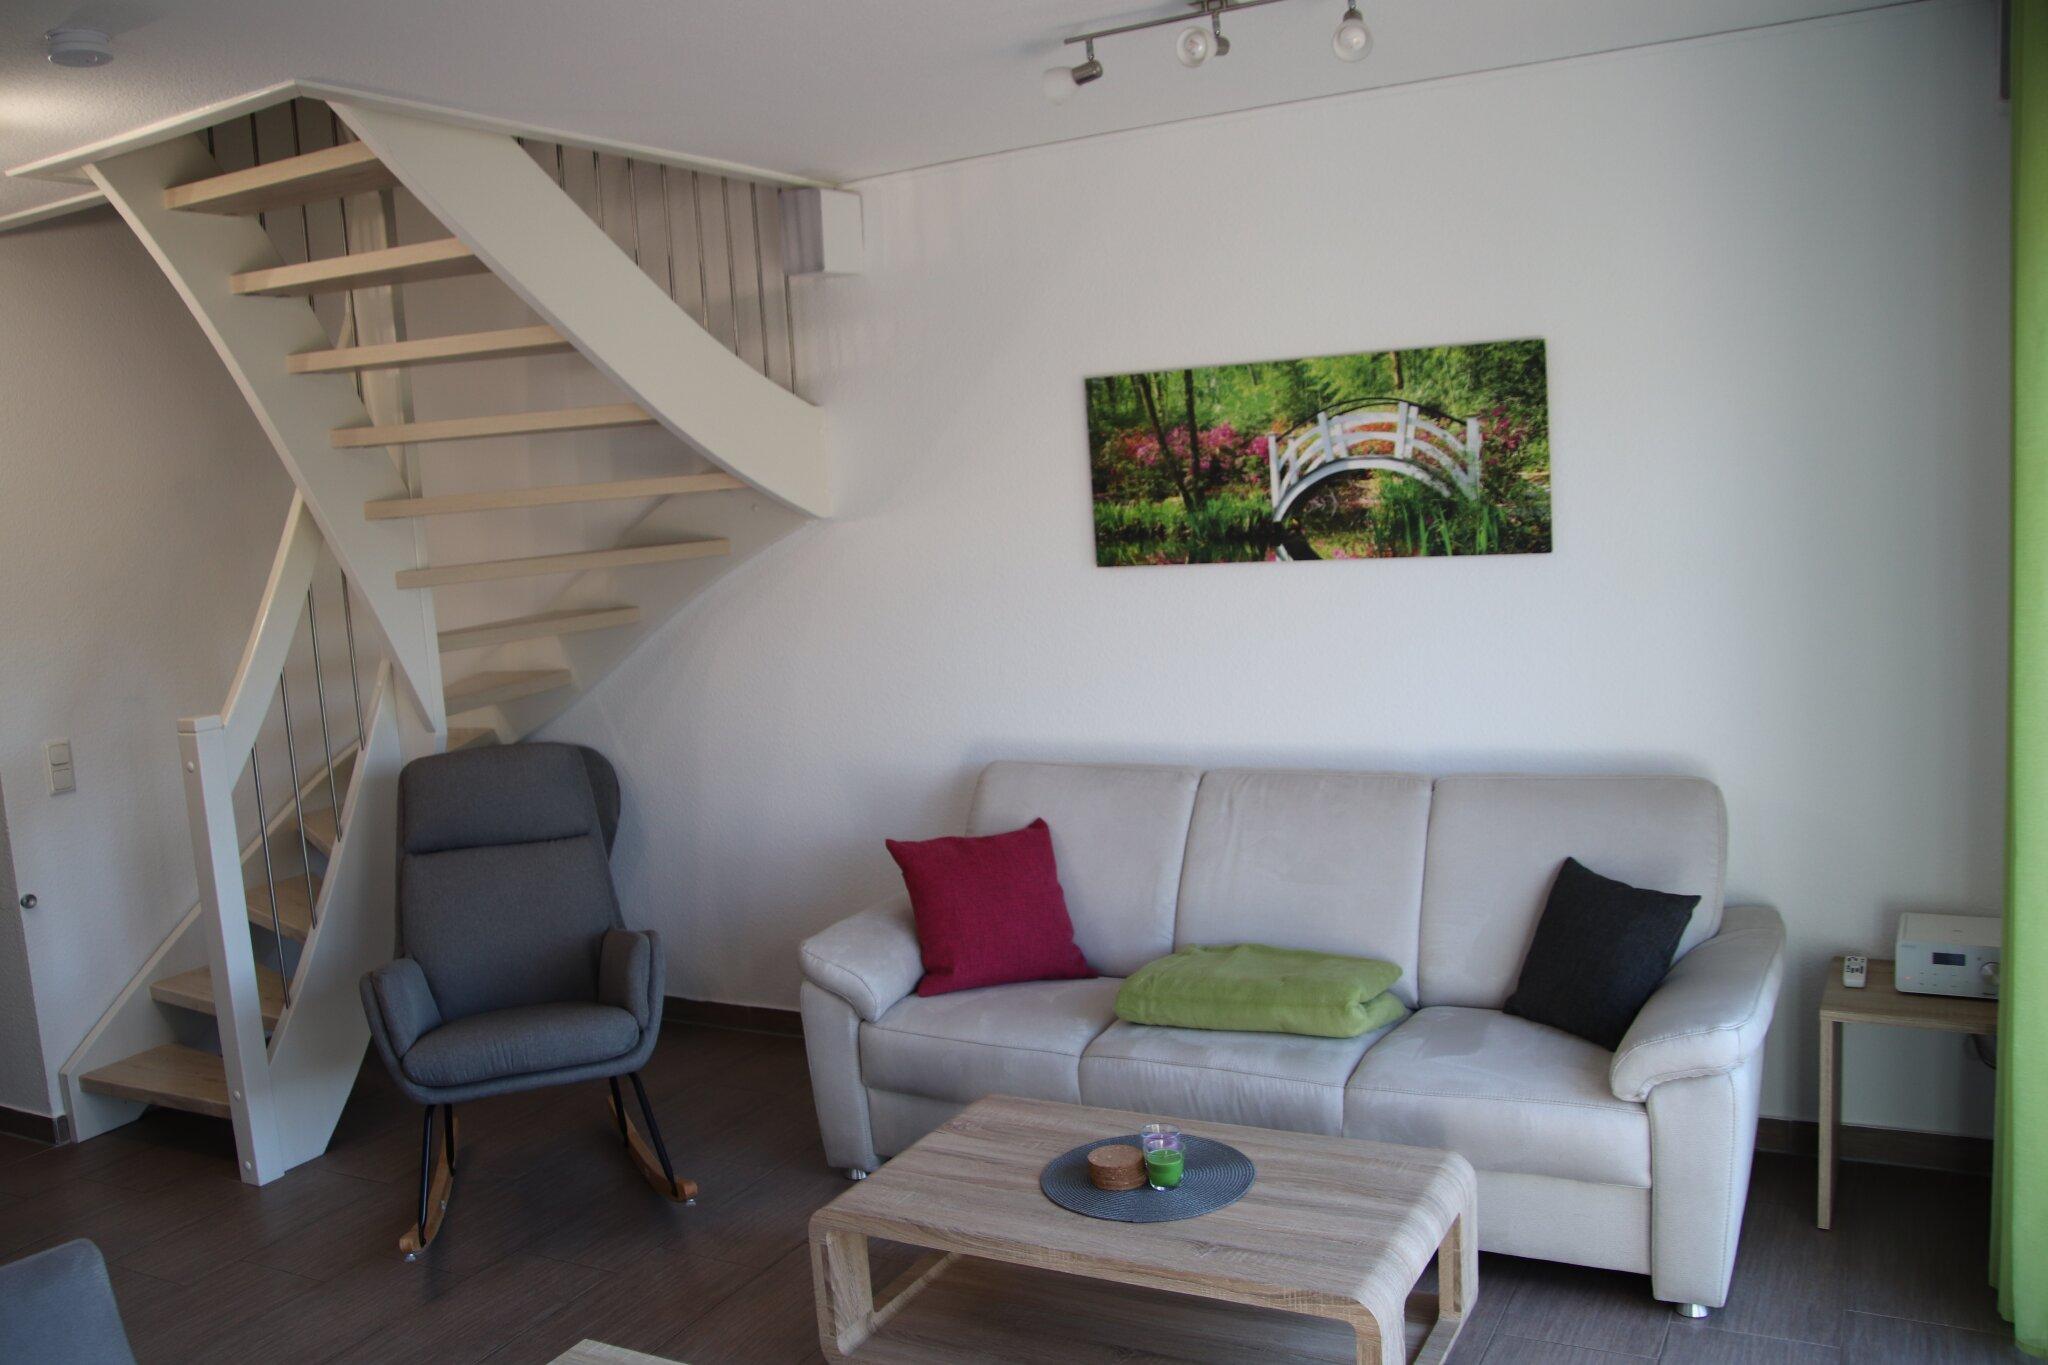 ferienhaus wellenreiter bildergalerie. Black Bedroom Furniture Sets. Home Design Ideas